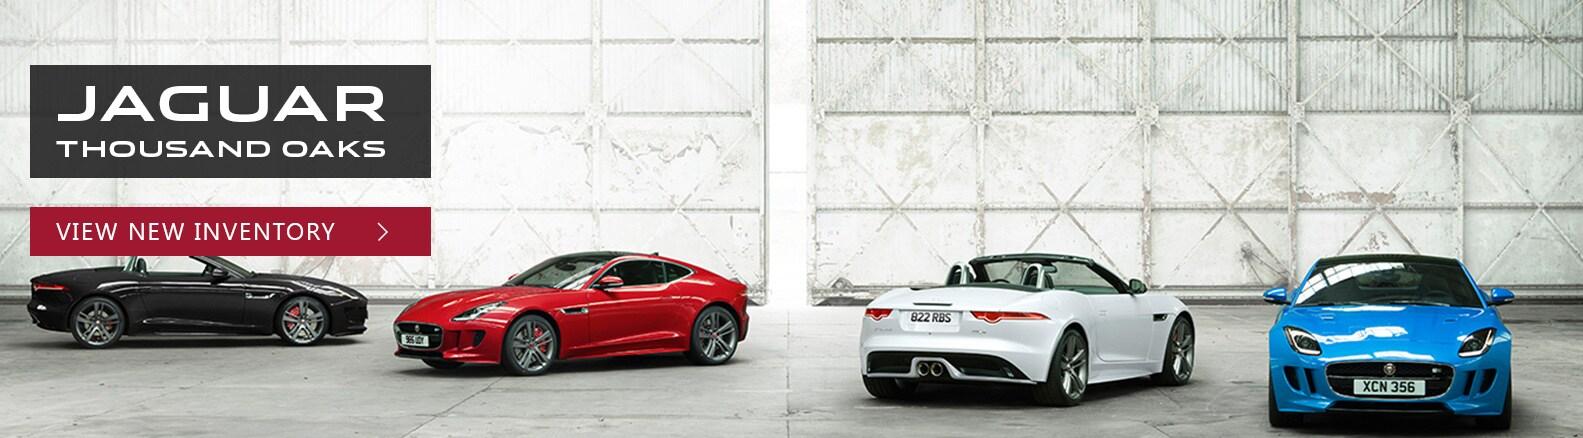 jaguar me dealer htm dealership approved owned pre certified hills serving near ca agoura